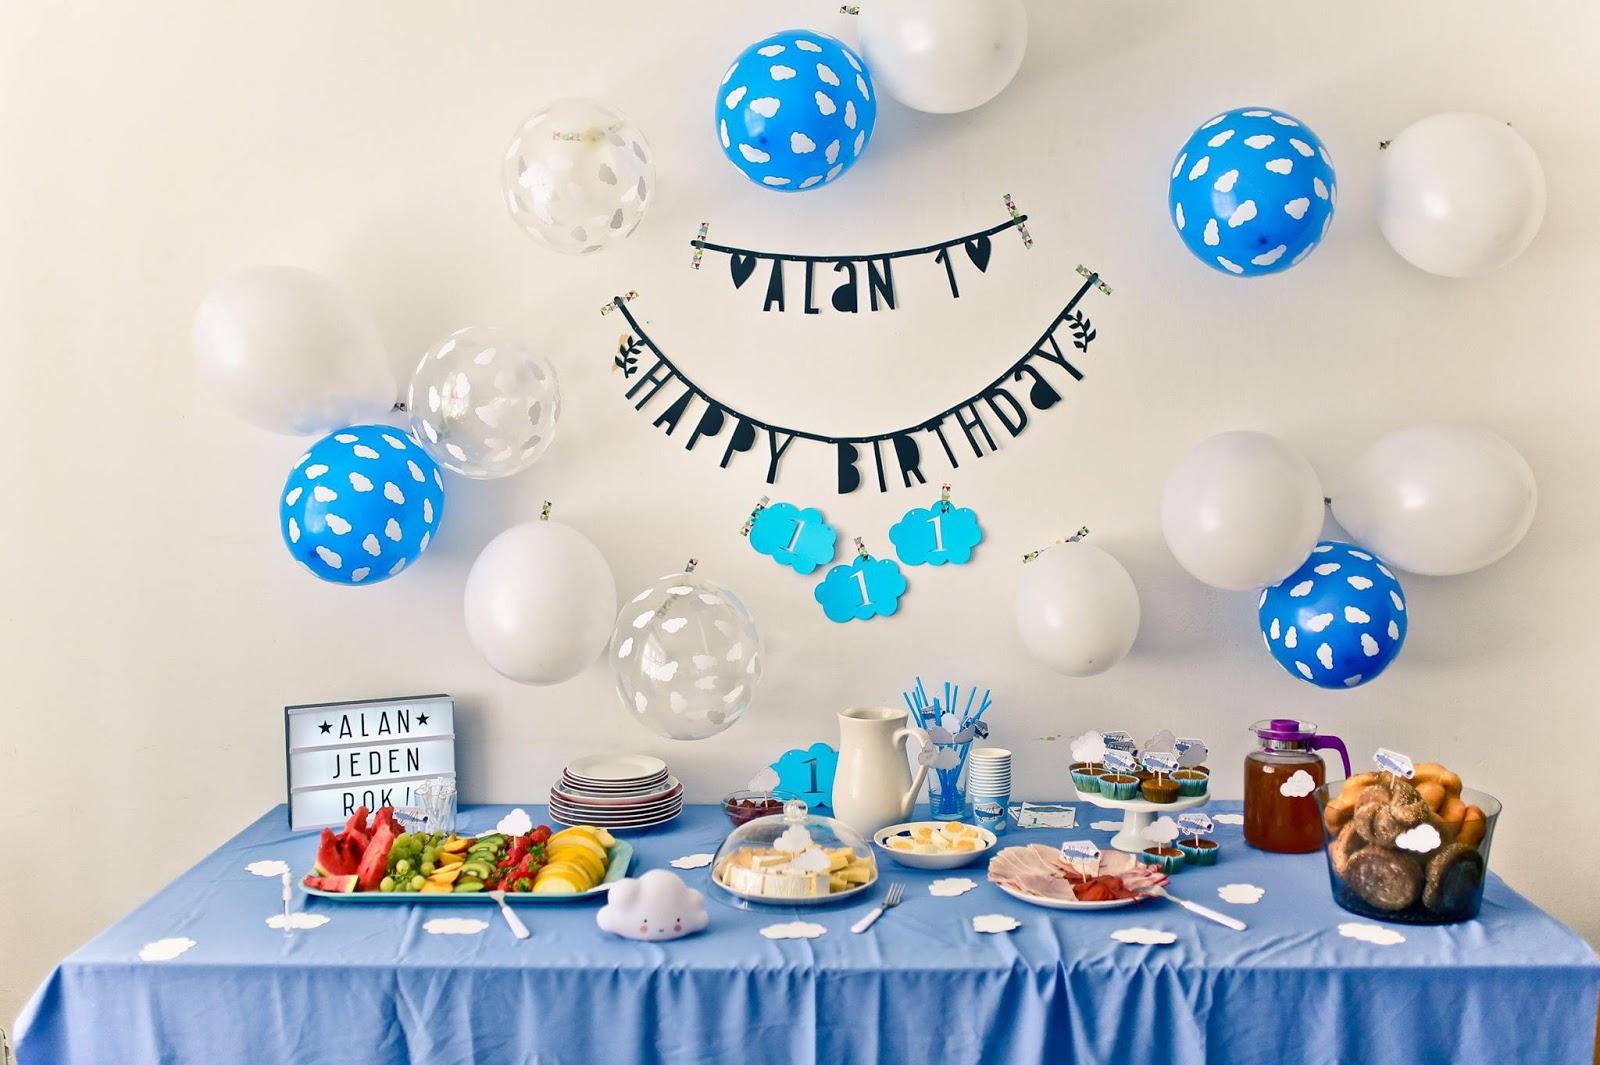 oslava 1 narozenin Madame Coquette: Alánek a 1. svíčka na dortu oslava 1 narozenin